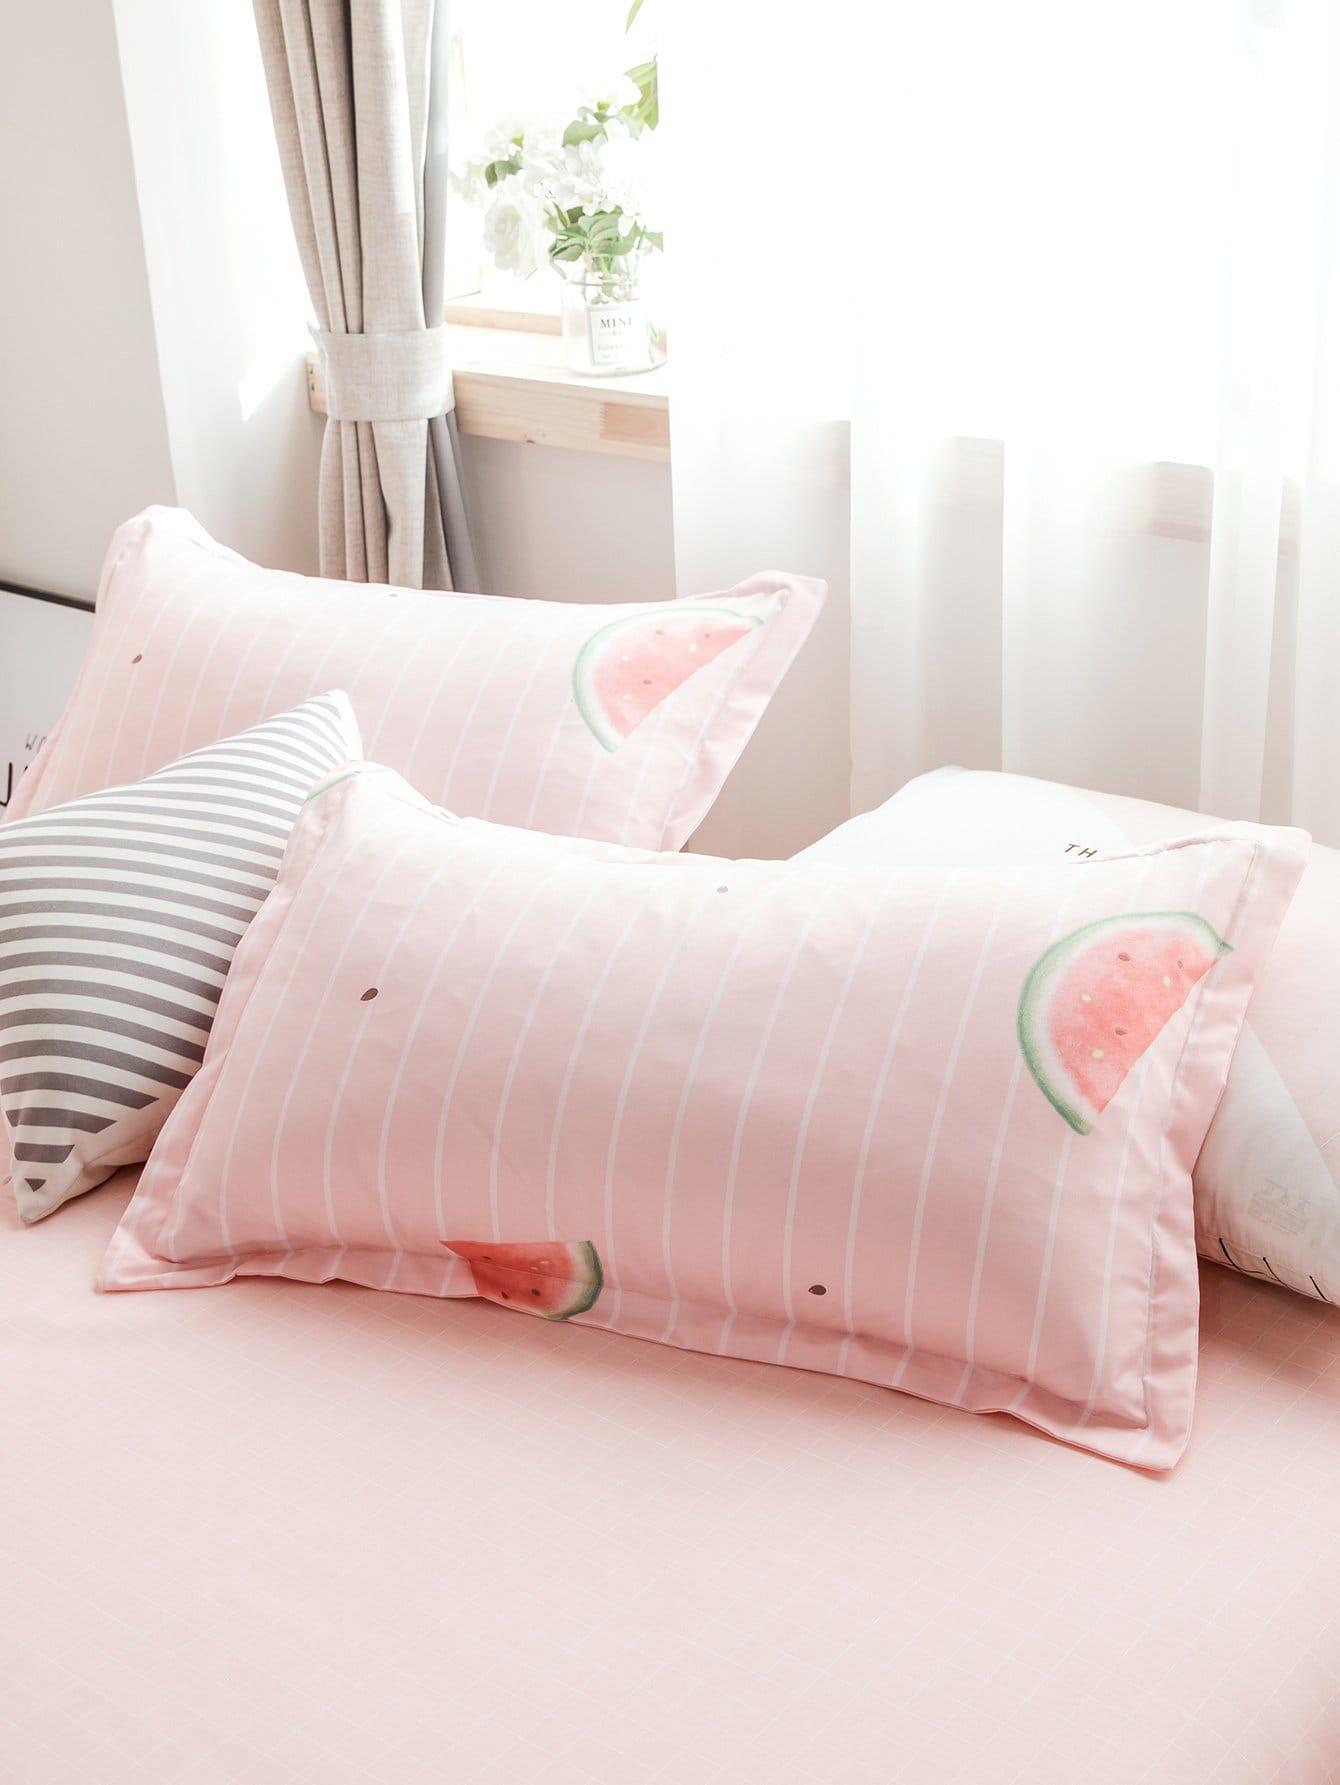 Kissenbezug 1 Paar mit Wassermelone und Streifen Muster